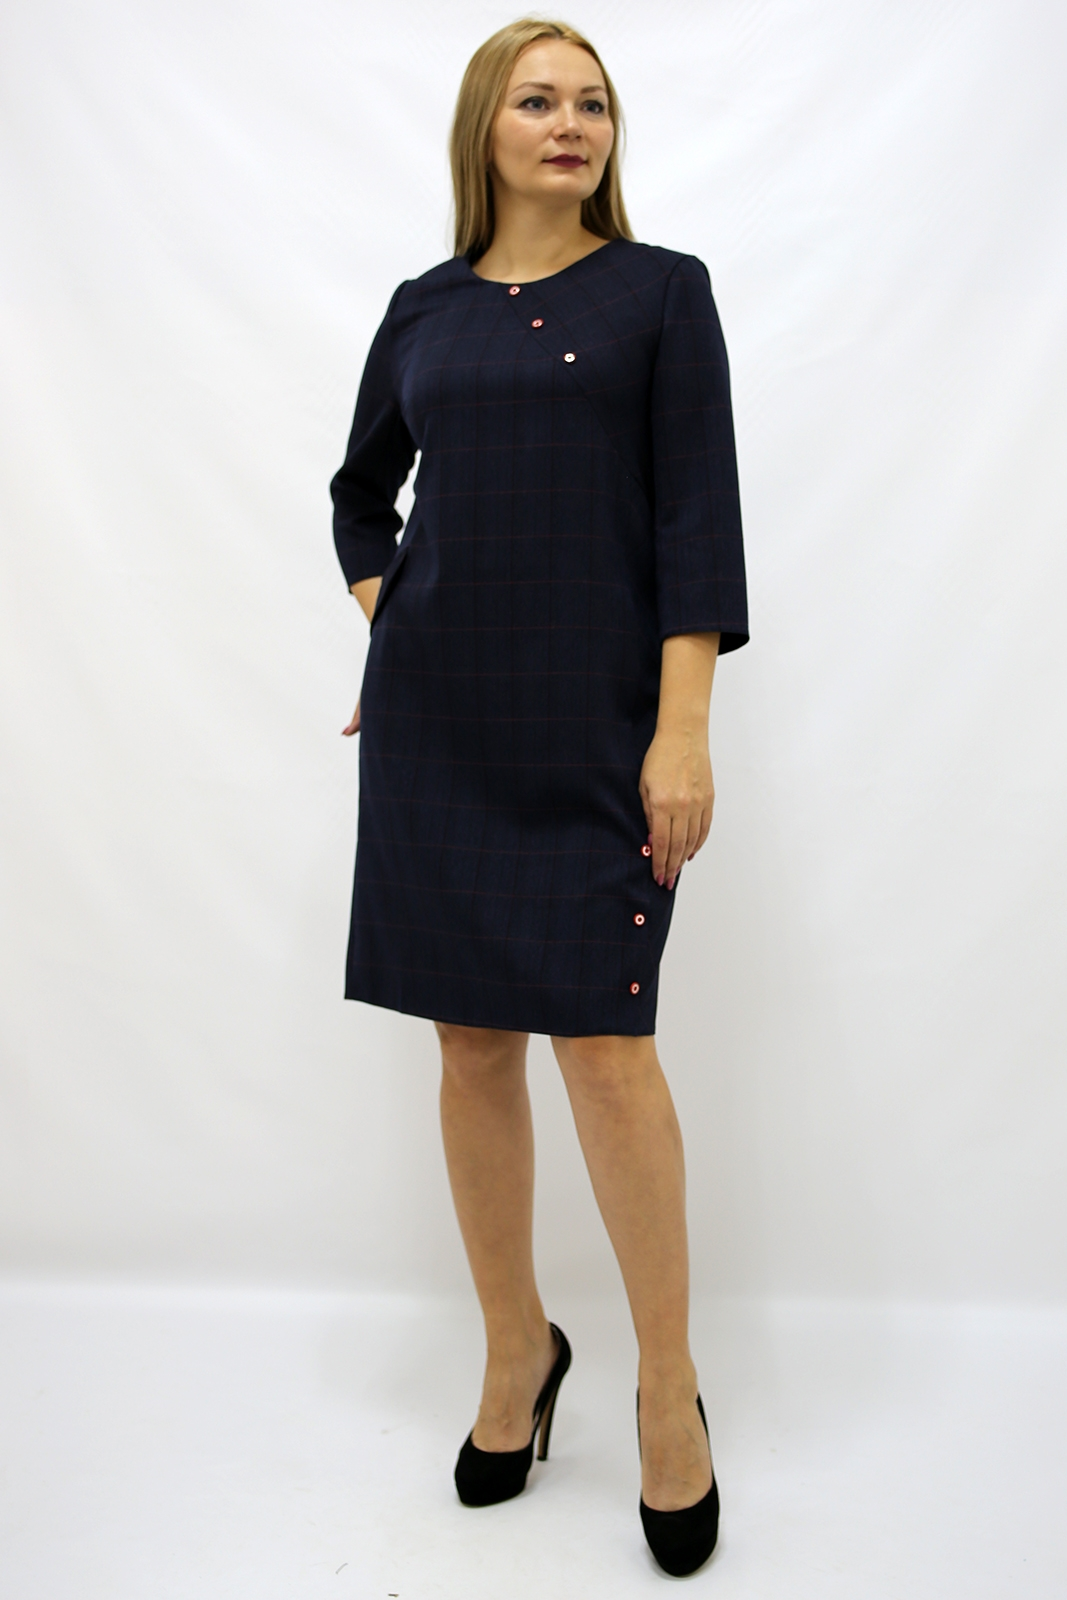 Изображение товара Шаркан Платье Женское